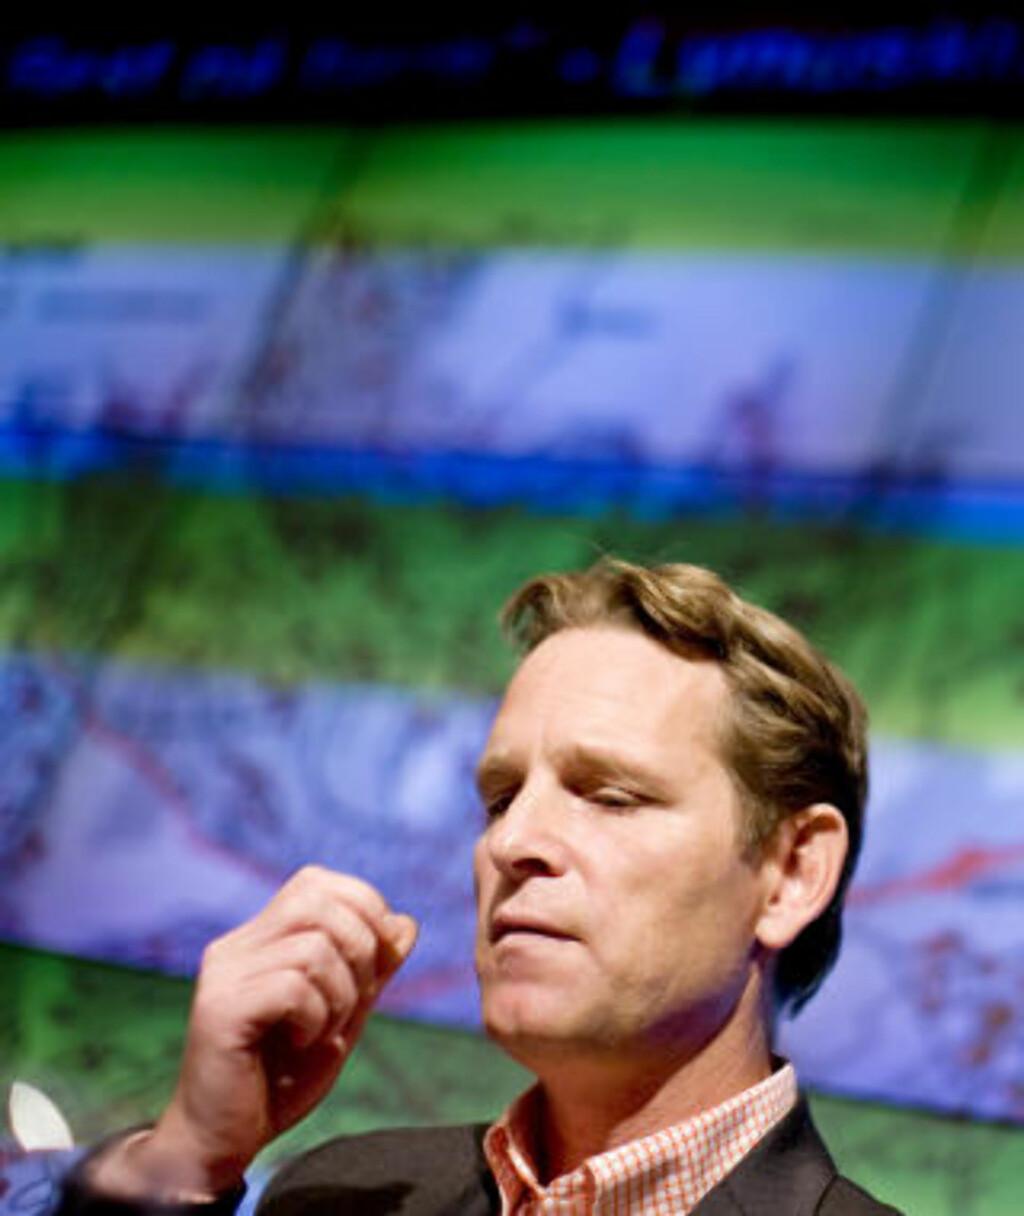 BEKYMRET: Lyn-direktør Erik Langerud ber alle med et hjerte for Lyn punge ut raskt. Foto: Sara Johannessen / SCANPIX